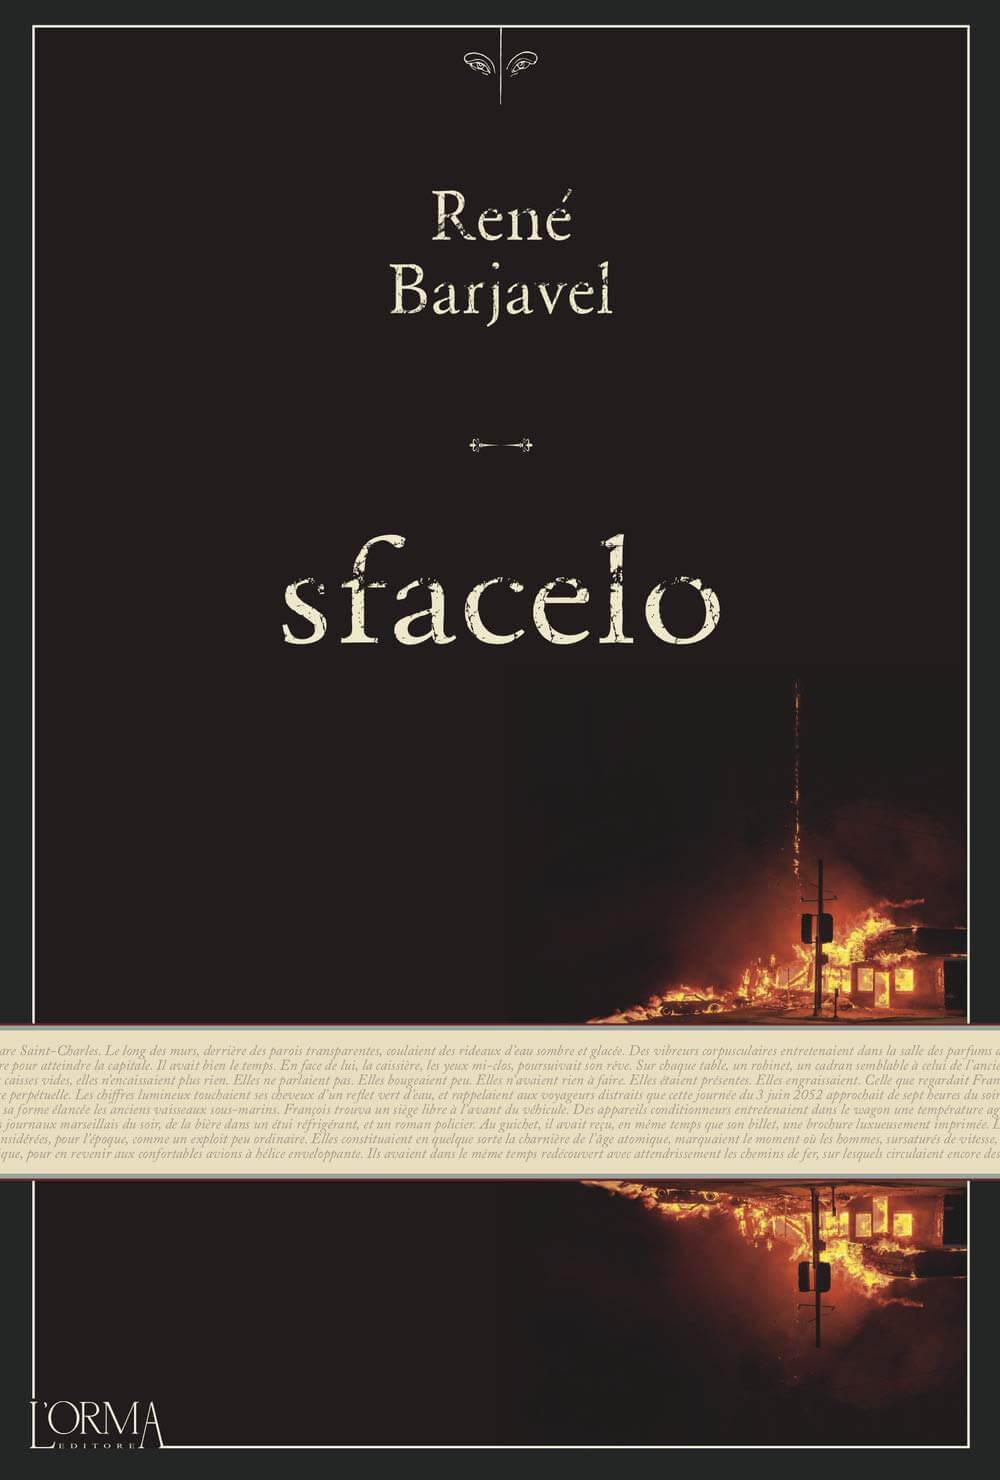 Sfacelo - René Barjavel - Libri Novembre 2019